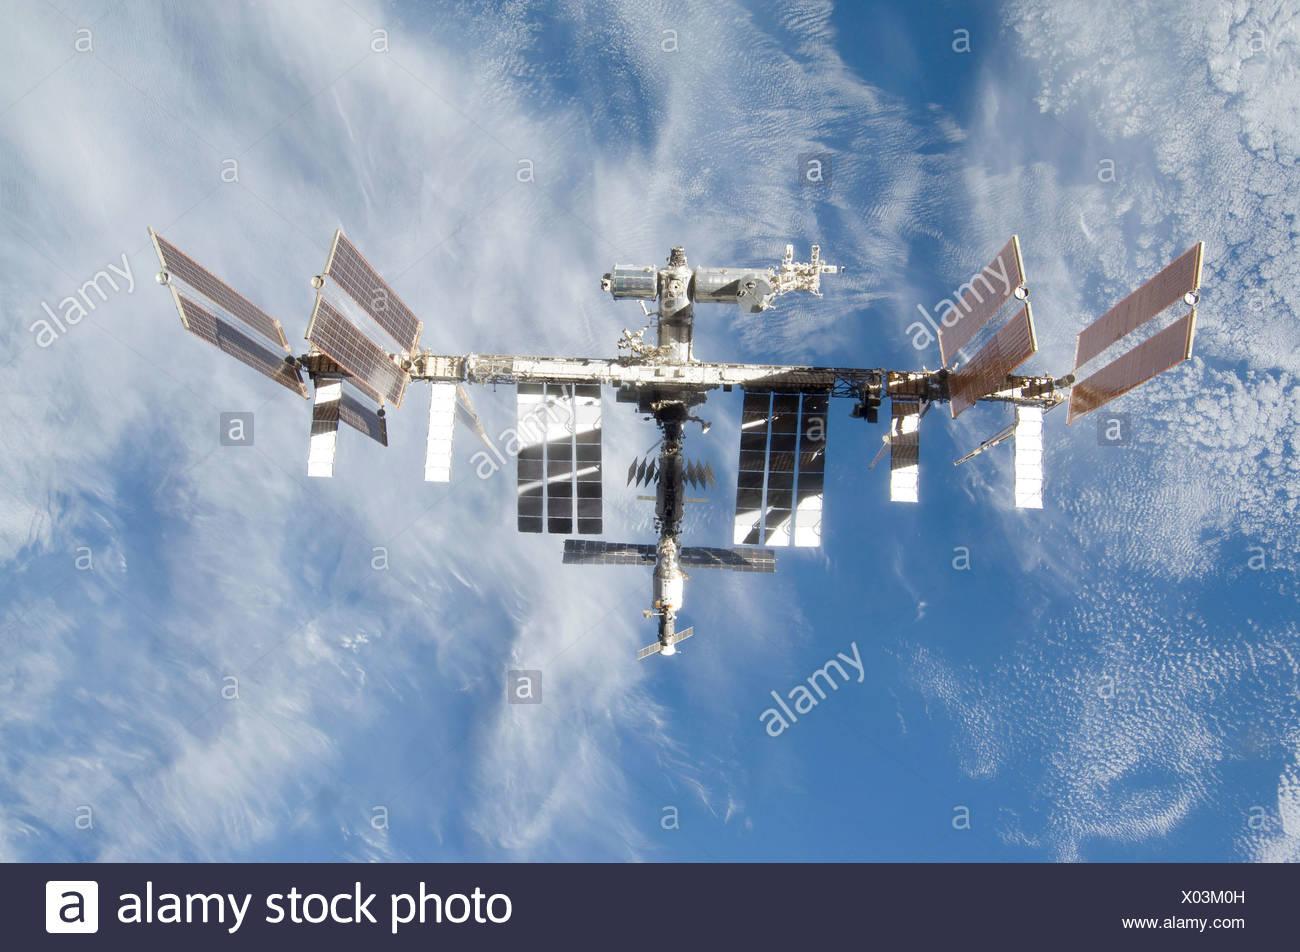 Backdropped partie de la masse de la Station spatiale internationale est considérée à partir de la navette spatiale Discovery en tant que deux engins commencer Photo Stock